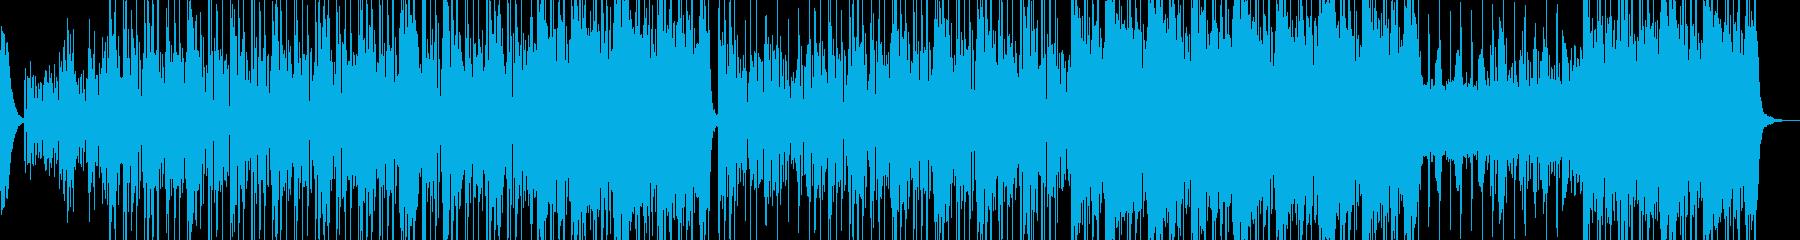 冒険・お香漂う怪しい雰囲気のR&B 長尺の再生済みの波形